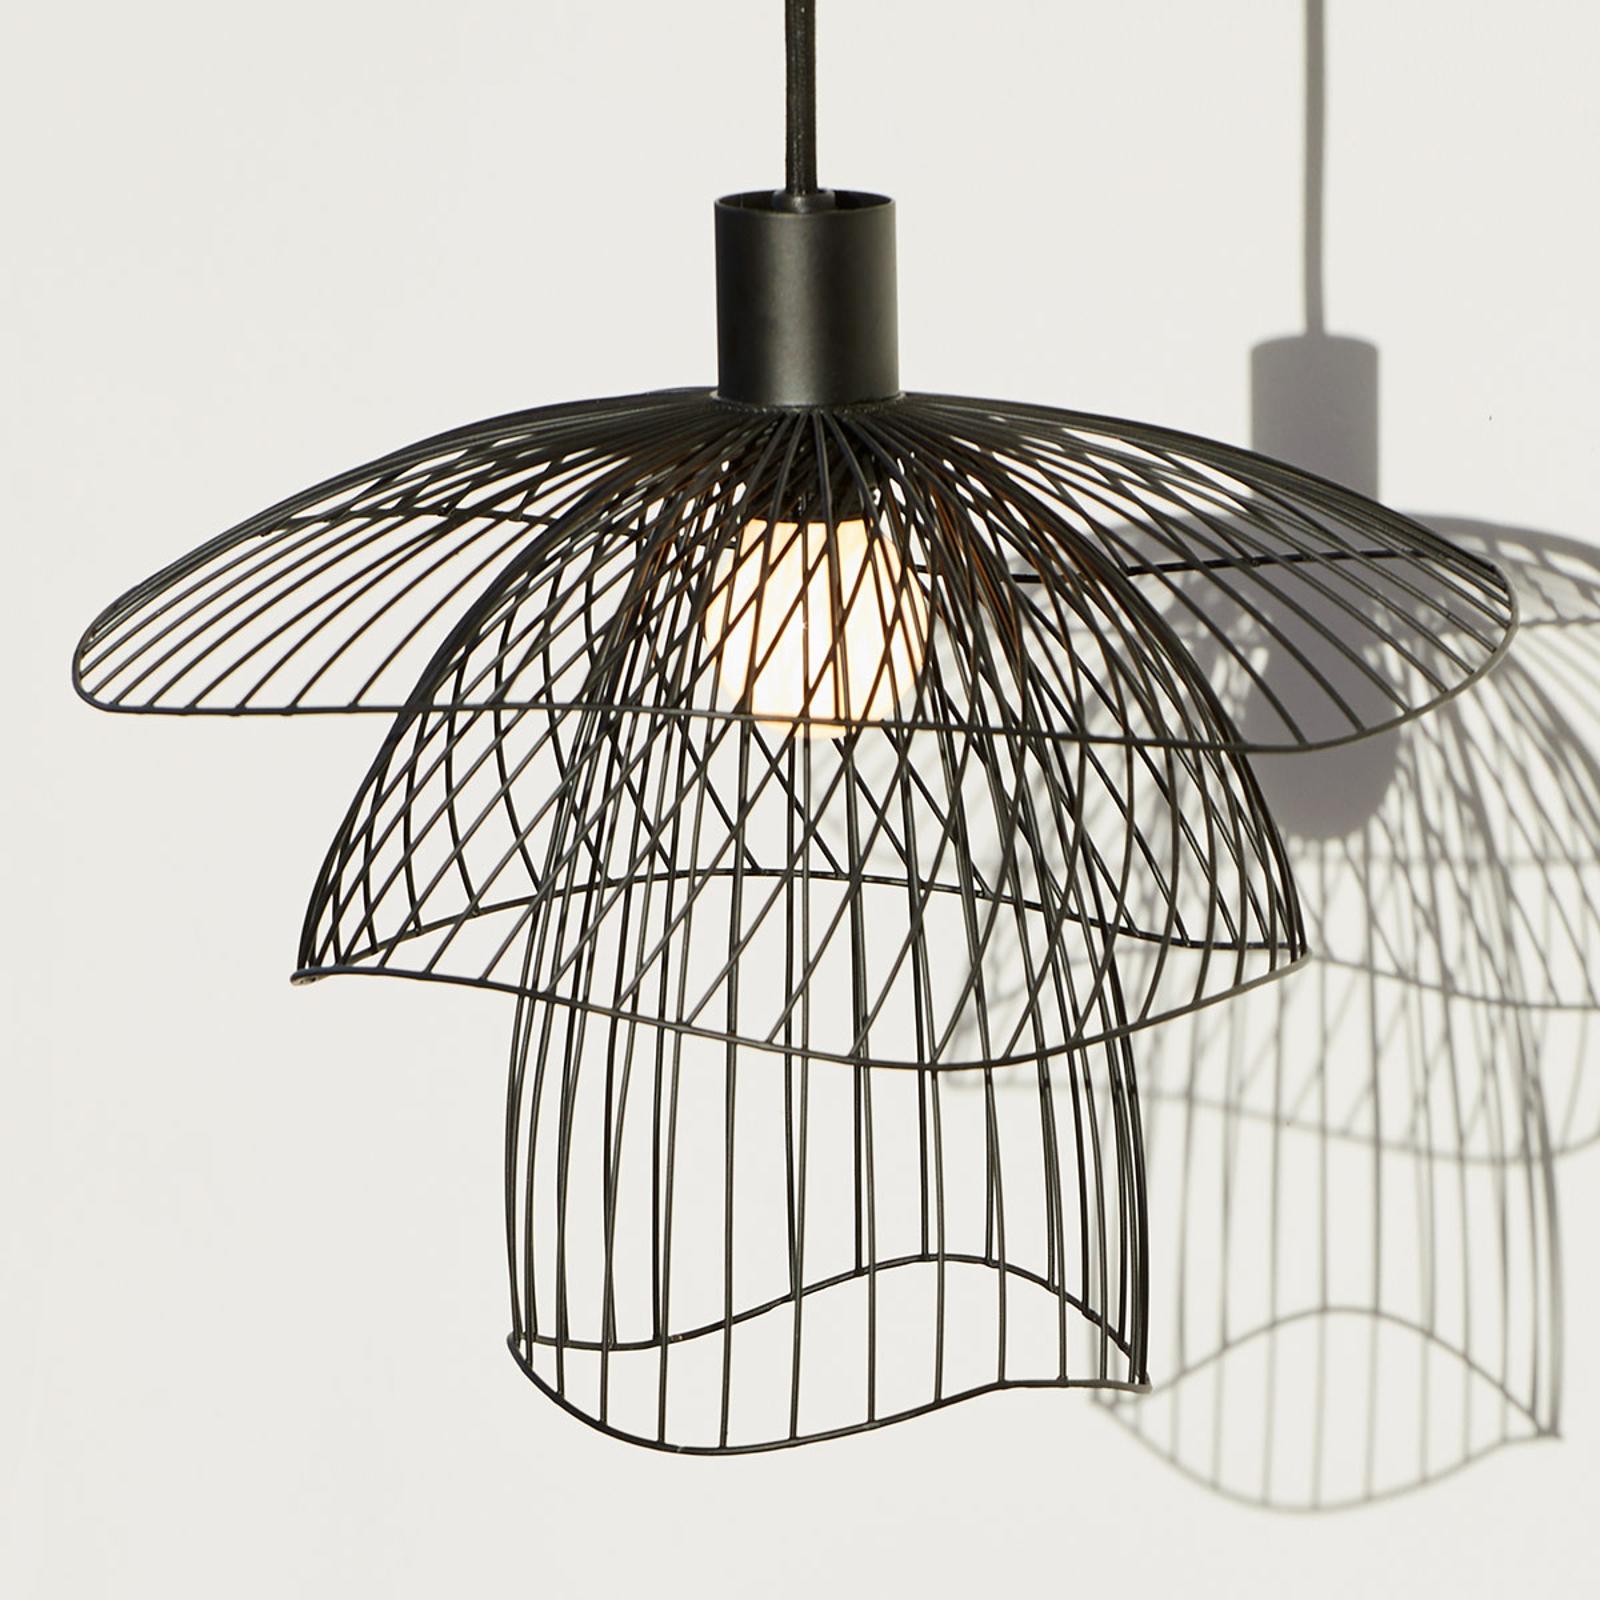 Forestier Papillon designer pendant light_3567020_1